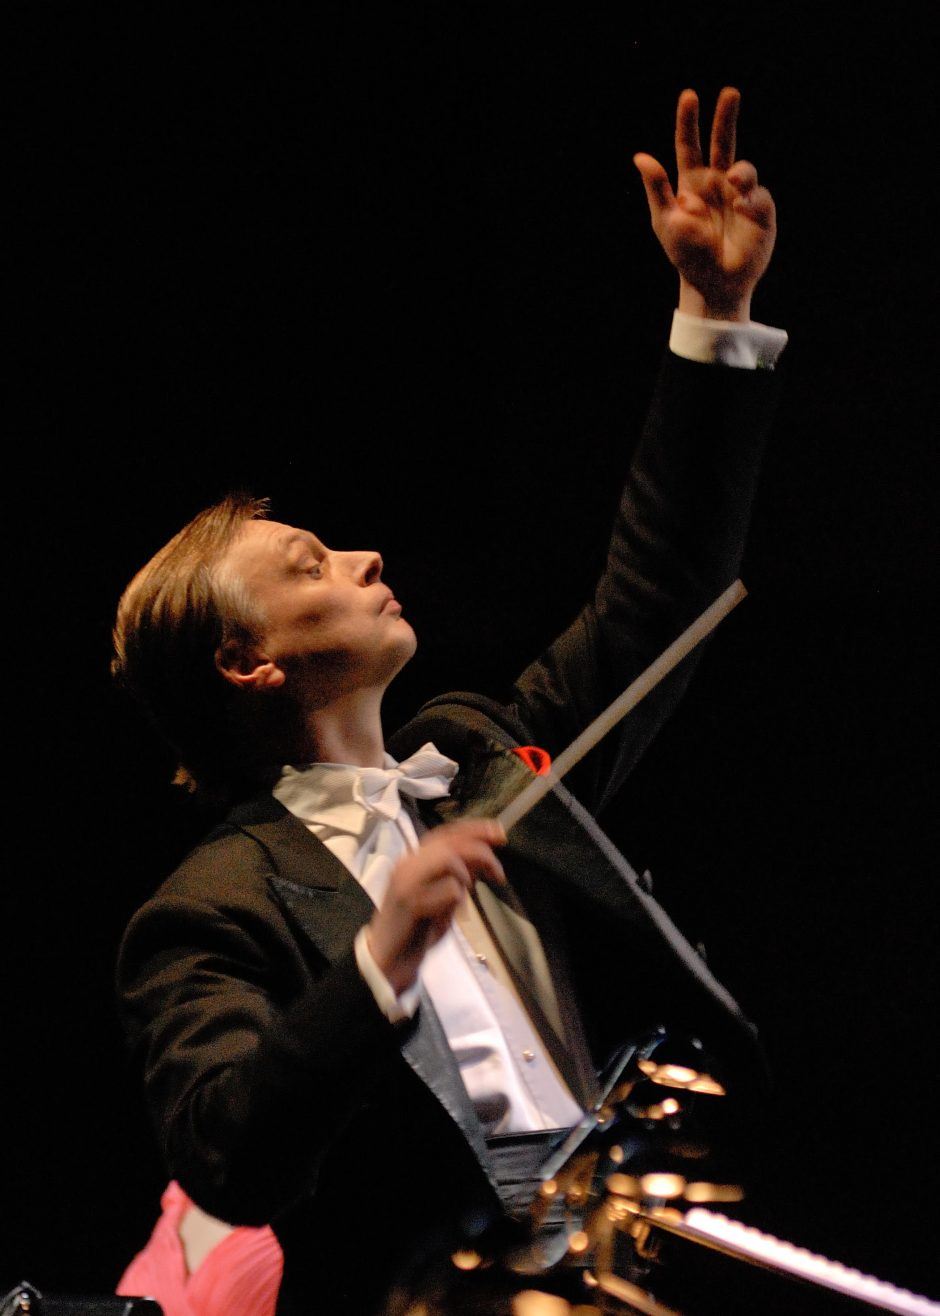 Dirigentas: malonu, kad tenka išgirsti ne vieną gerą atsiliepimą po mūsų pasirodymų